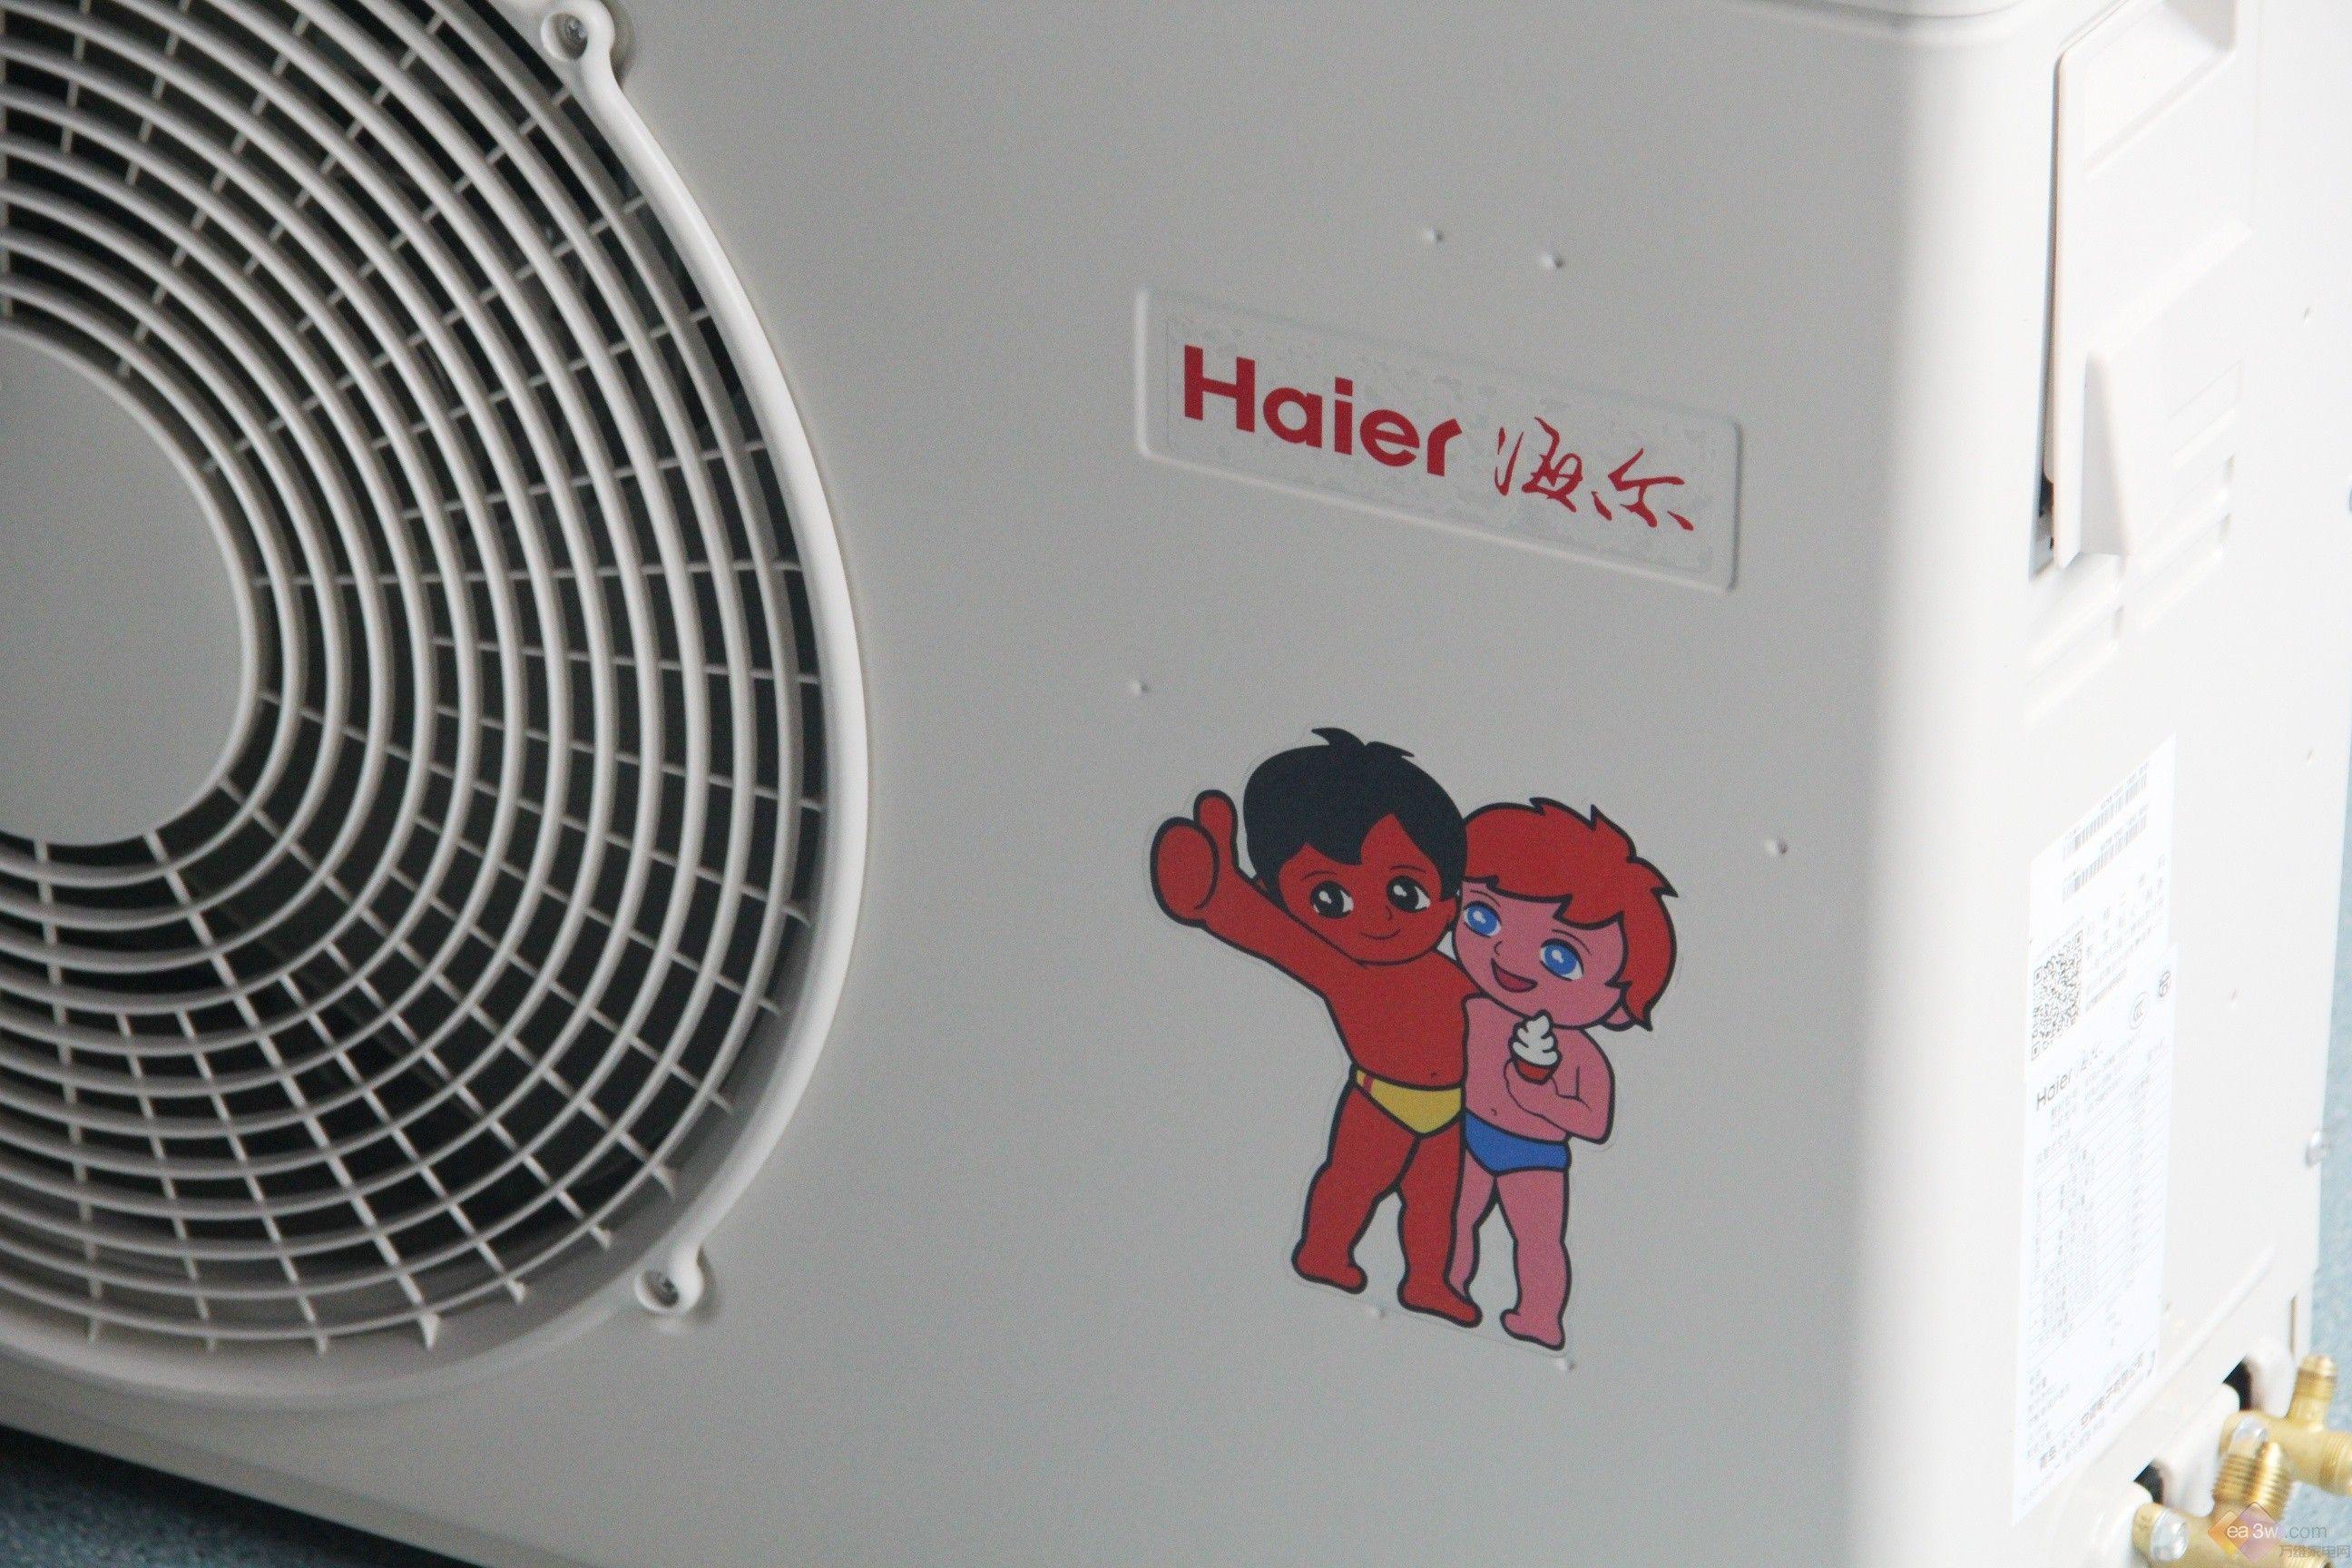 相对于传统分体式空调,一拖一家用空调由于节省空间、美观大方、舒适度高等优点逐渐收到更多消费者的关注,但是很多朋友在选购的时候也总会遇到导购员云里雾里的说辞,这么多天花乱坠的优点是真时间,消费者该买什么产品?万维家电网就来为大家做一个家用一拖一中央空调的横向评测,来为大家真实的呈现各个产品的优缺点。此次横评我们选择了目前比较热门的四款产品,分别是海尔、美的、格力、海信四大品牌定频一拖一中央空调产品。